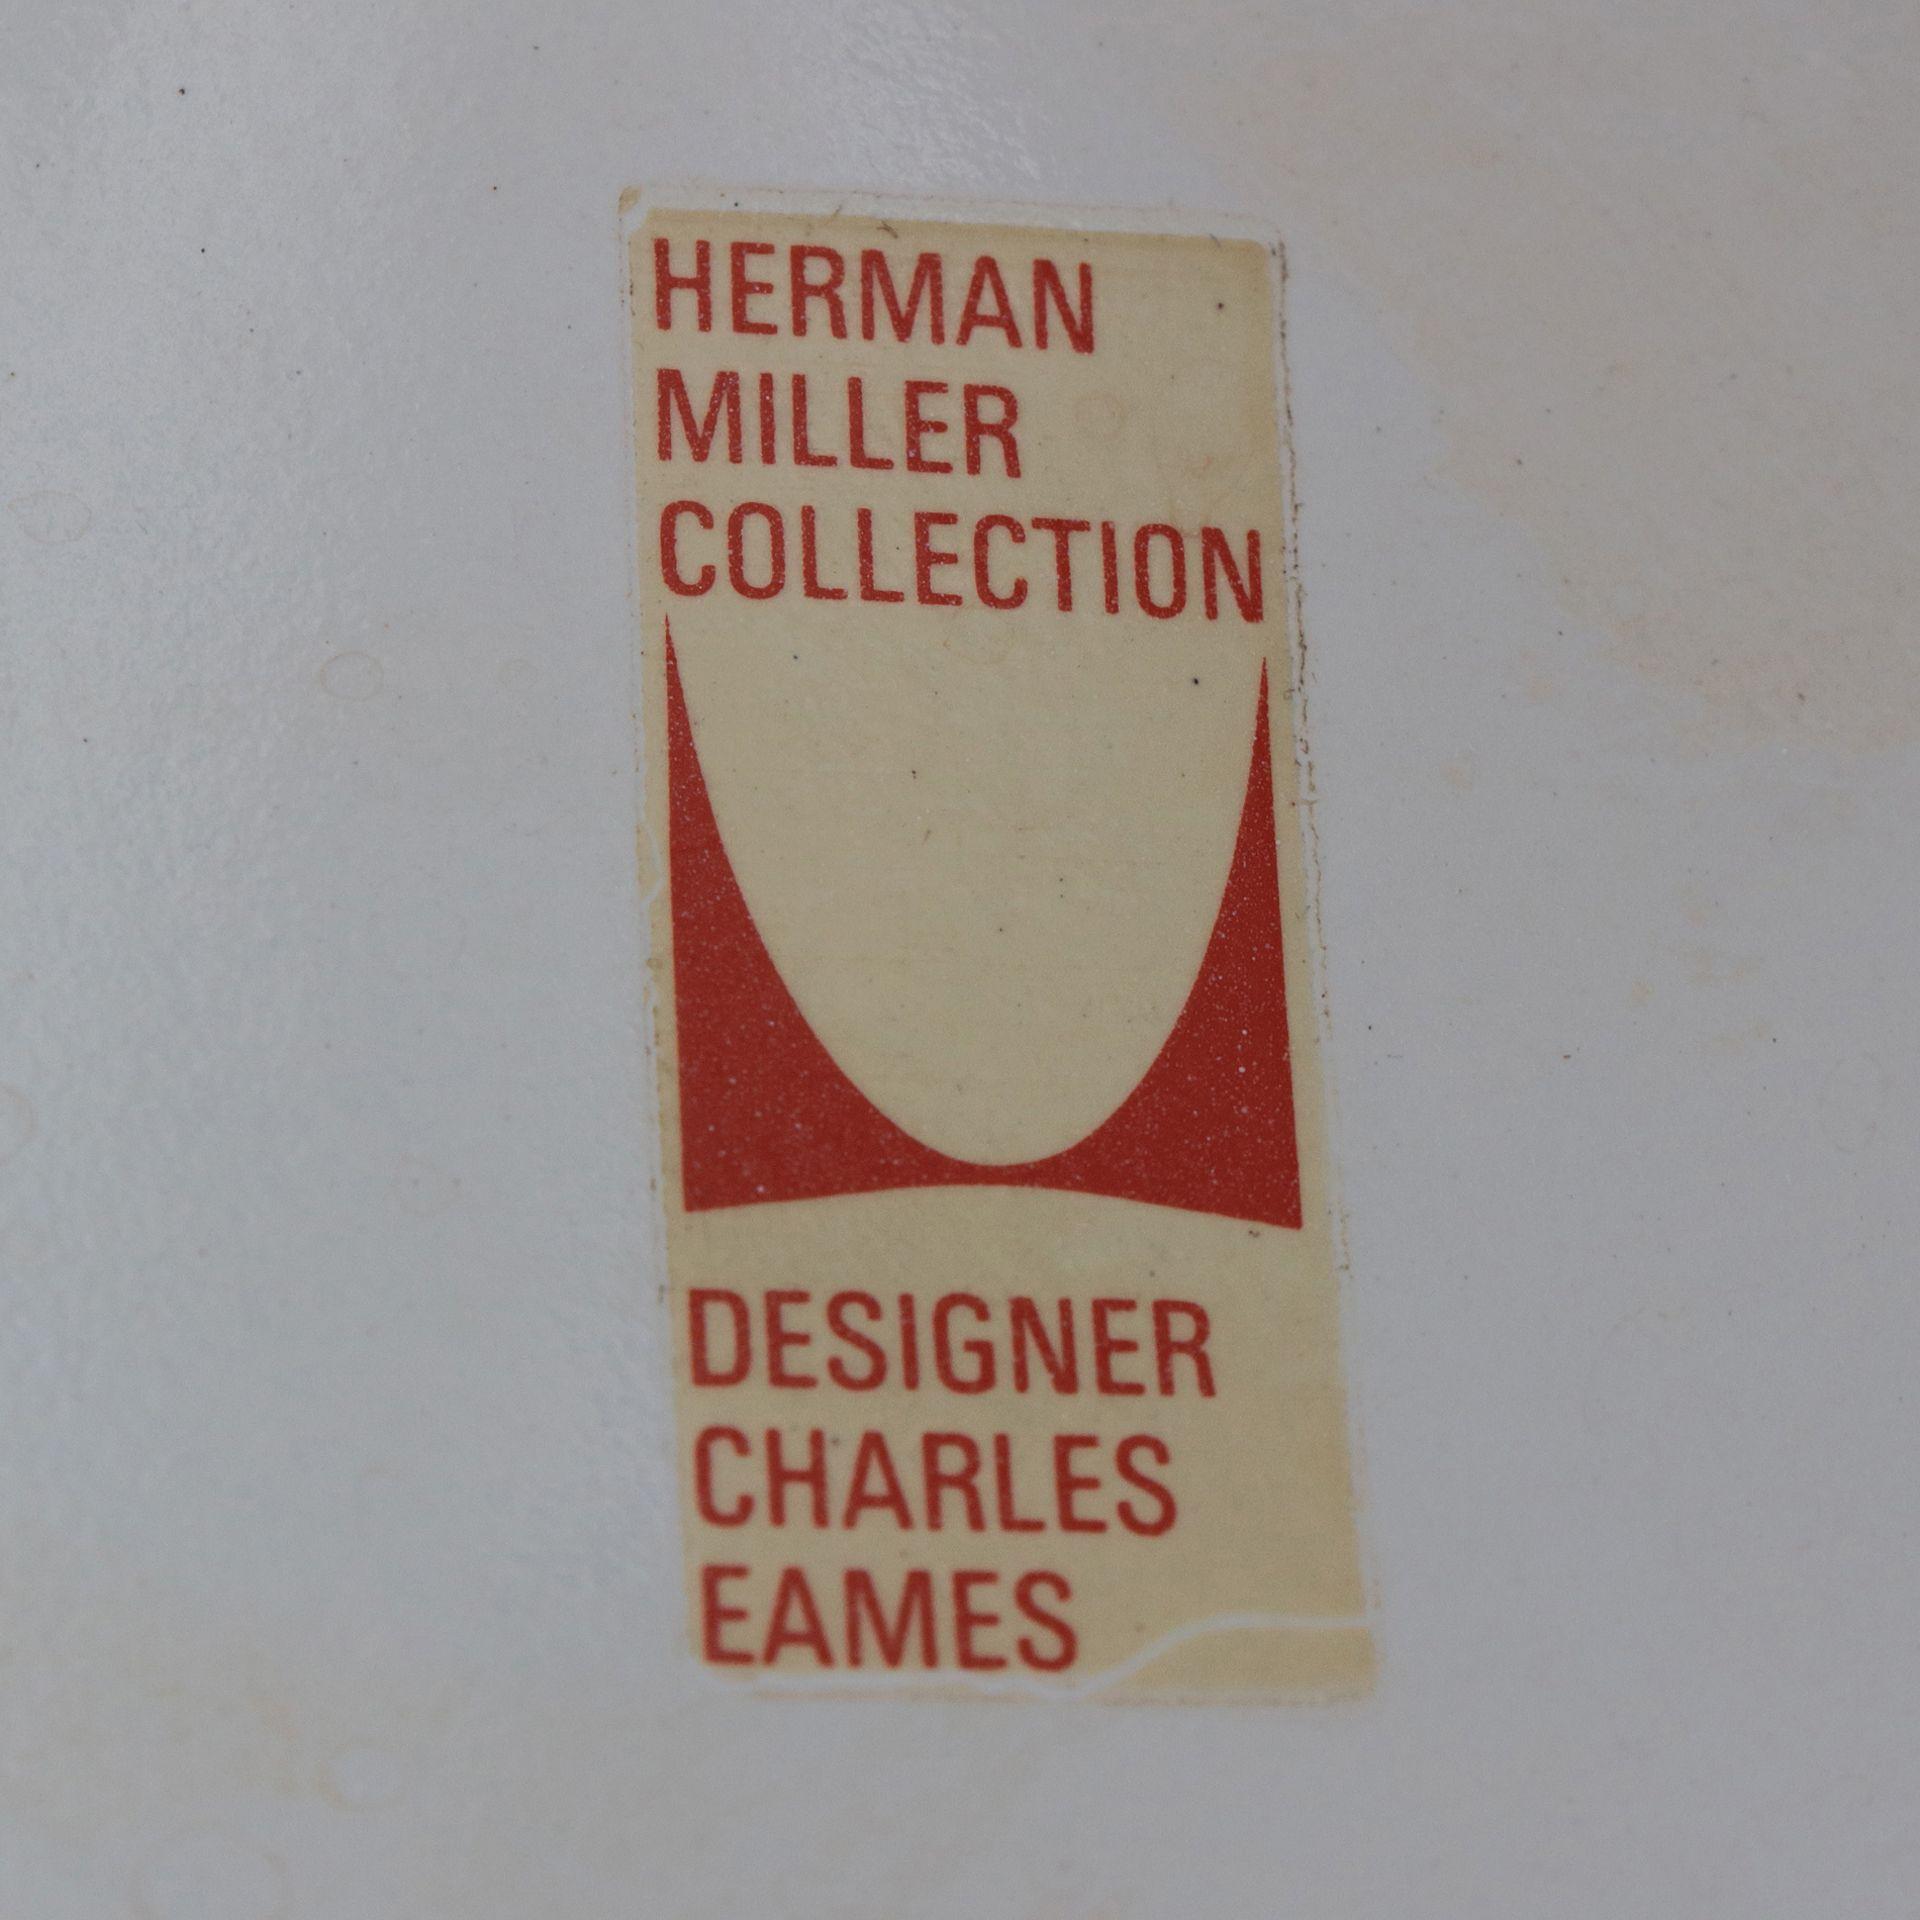 Eames - Beistellschränkchen - Image 7 of 8